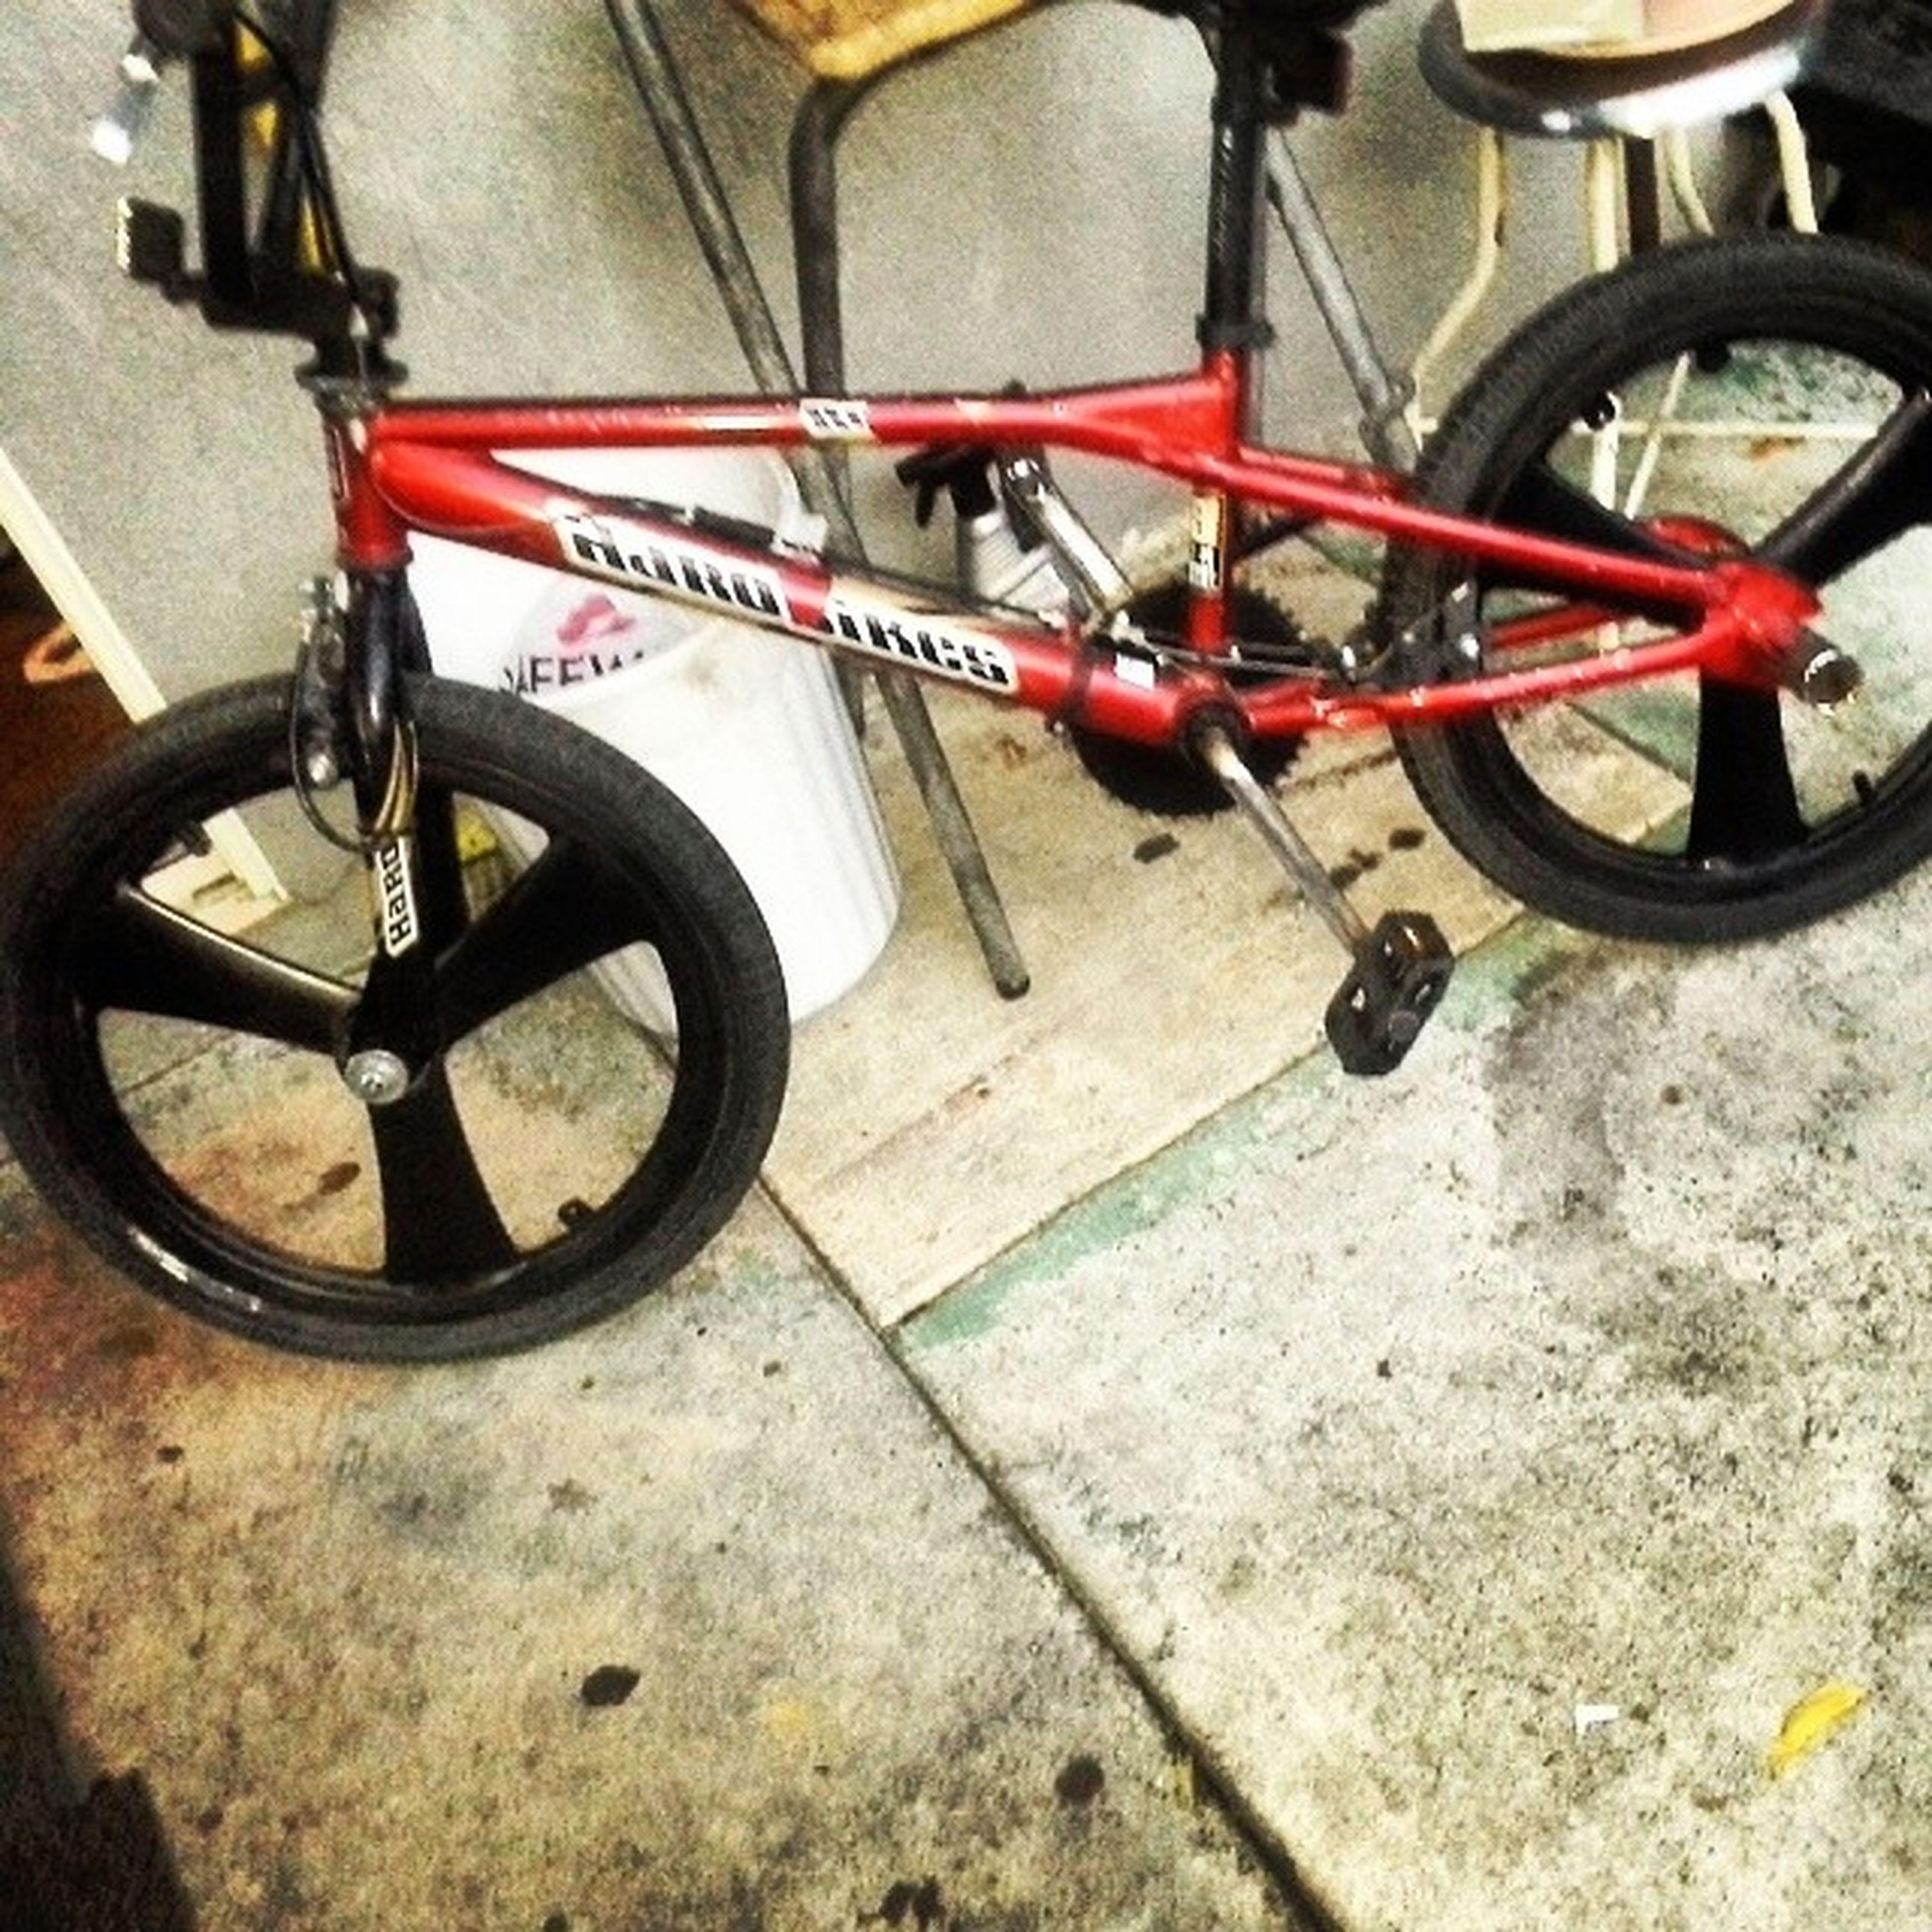 Everyoneshouldrideabike Haro Rider I <3bmxriders